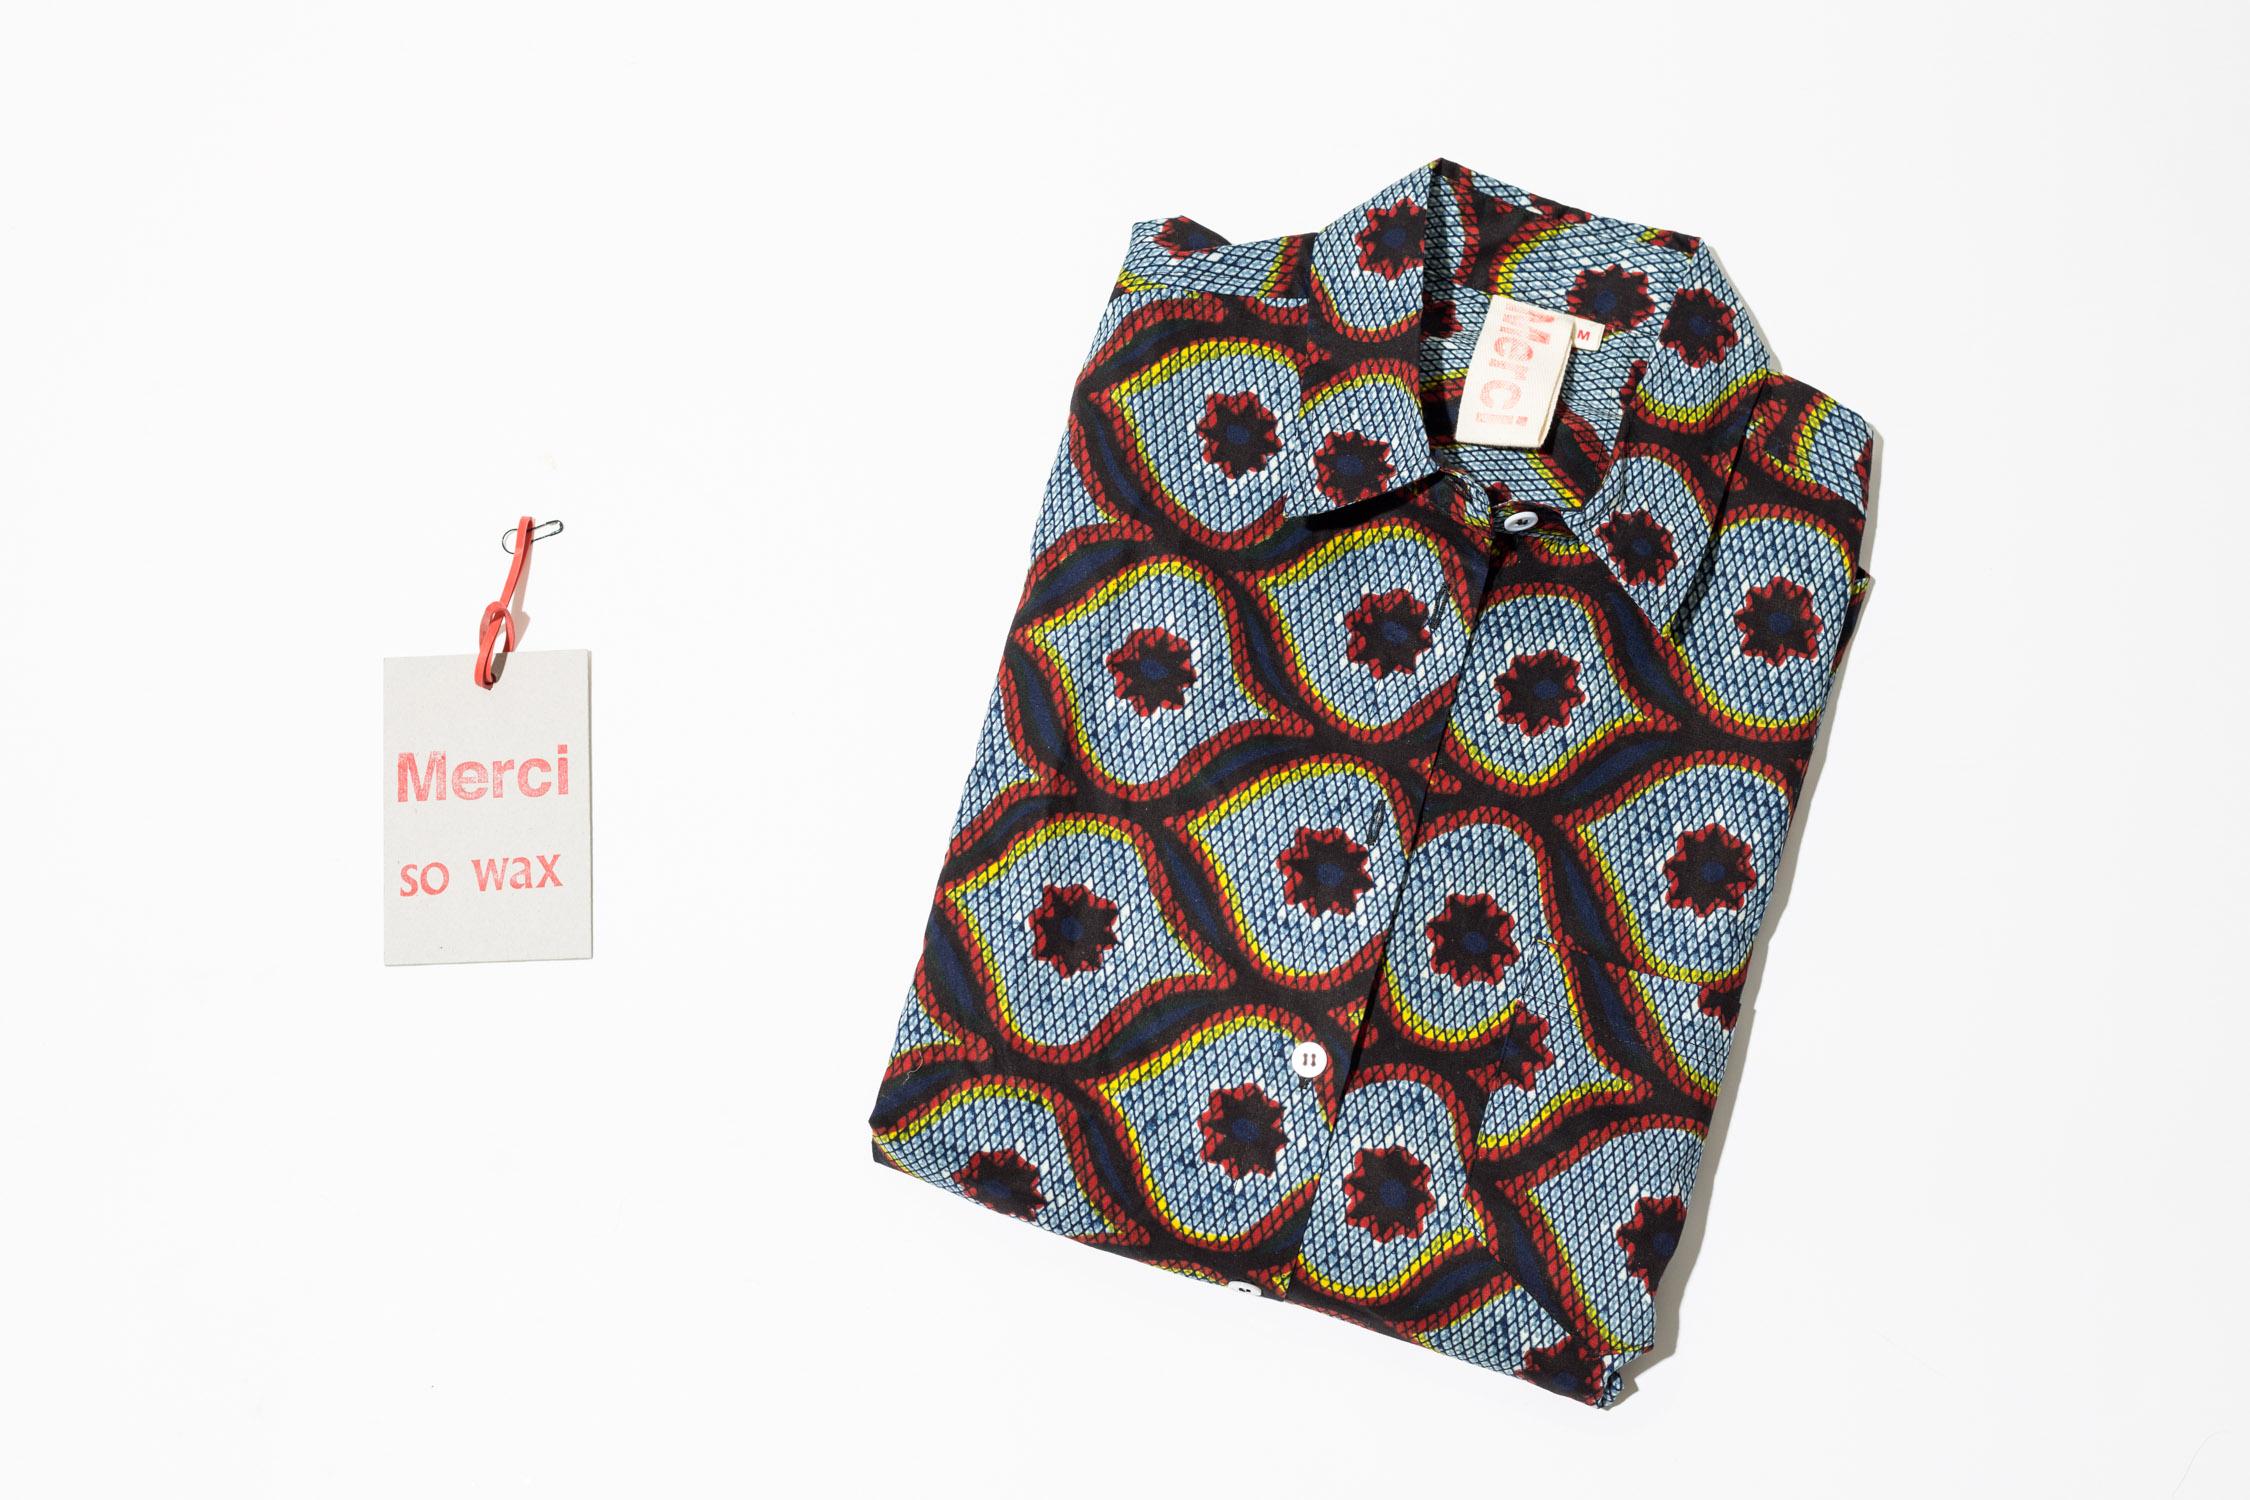 chemise-wax-merci